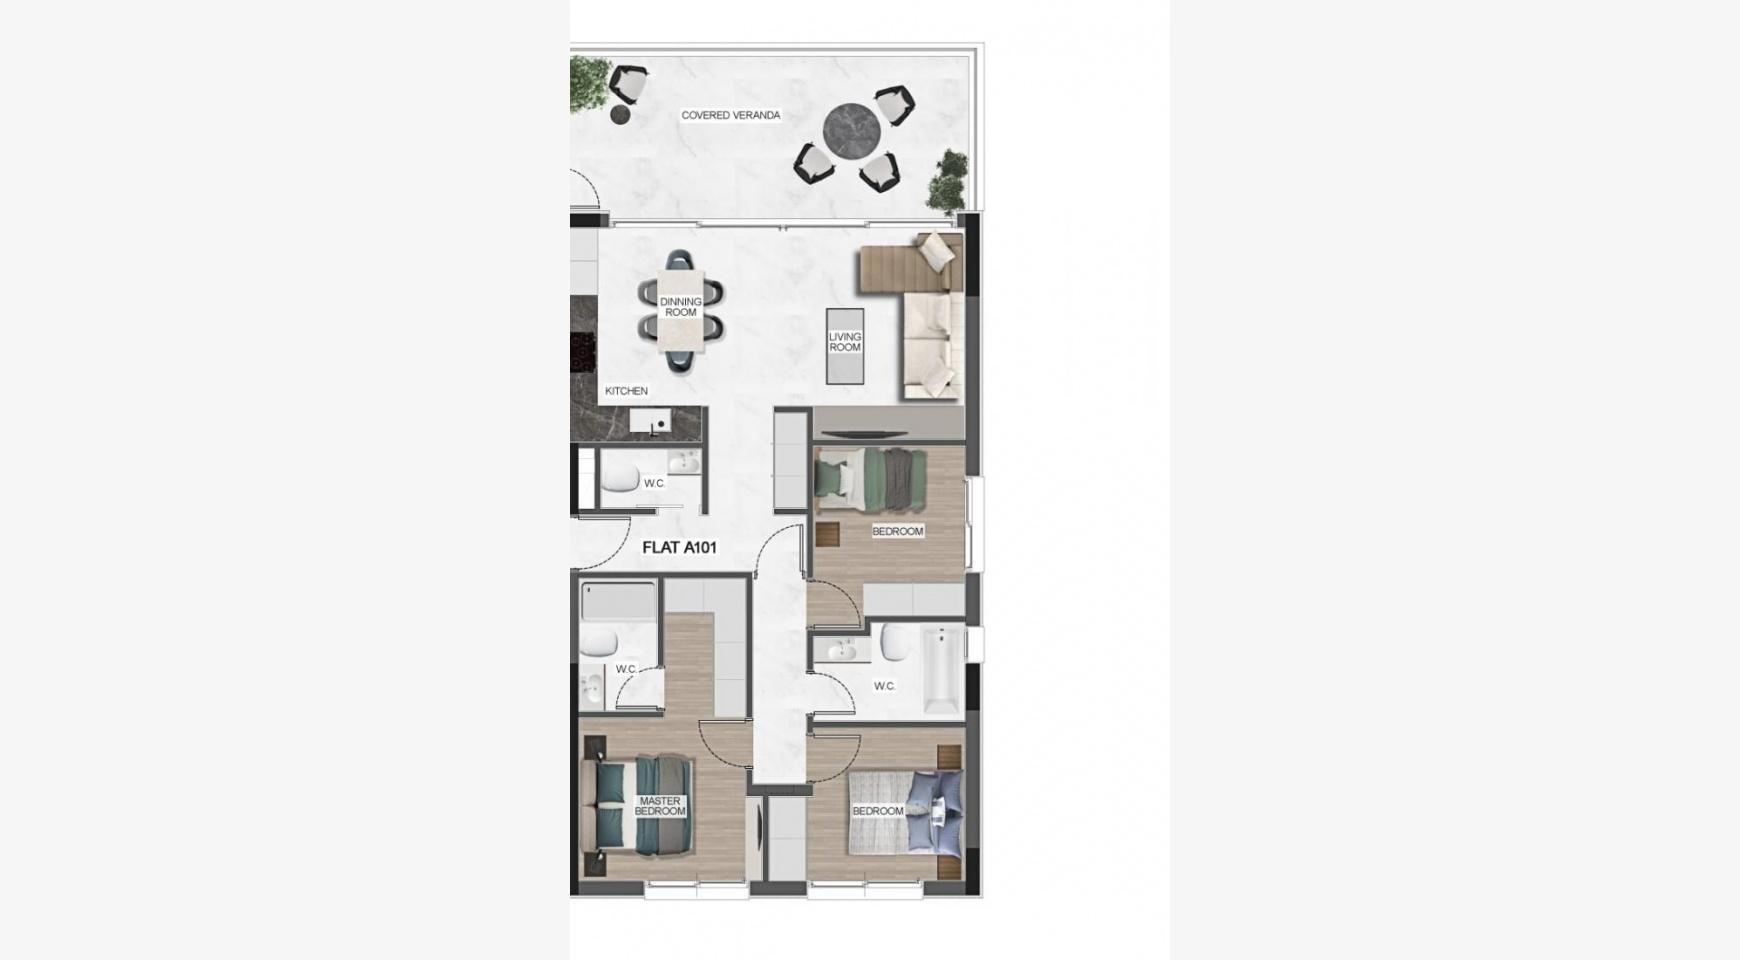 Urban City Residences, Кв. C 402. 2-Спальная Квартира в Новом Комплексе в Центре Города - 43